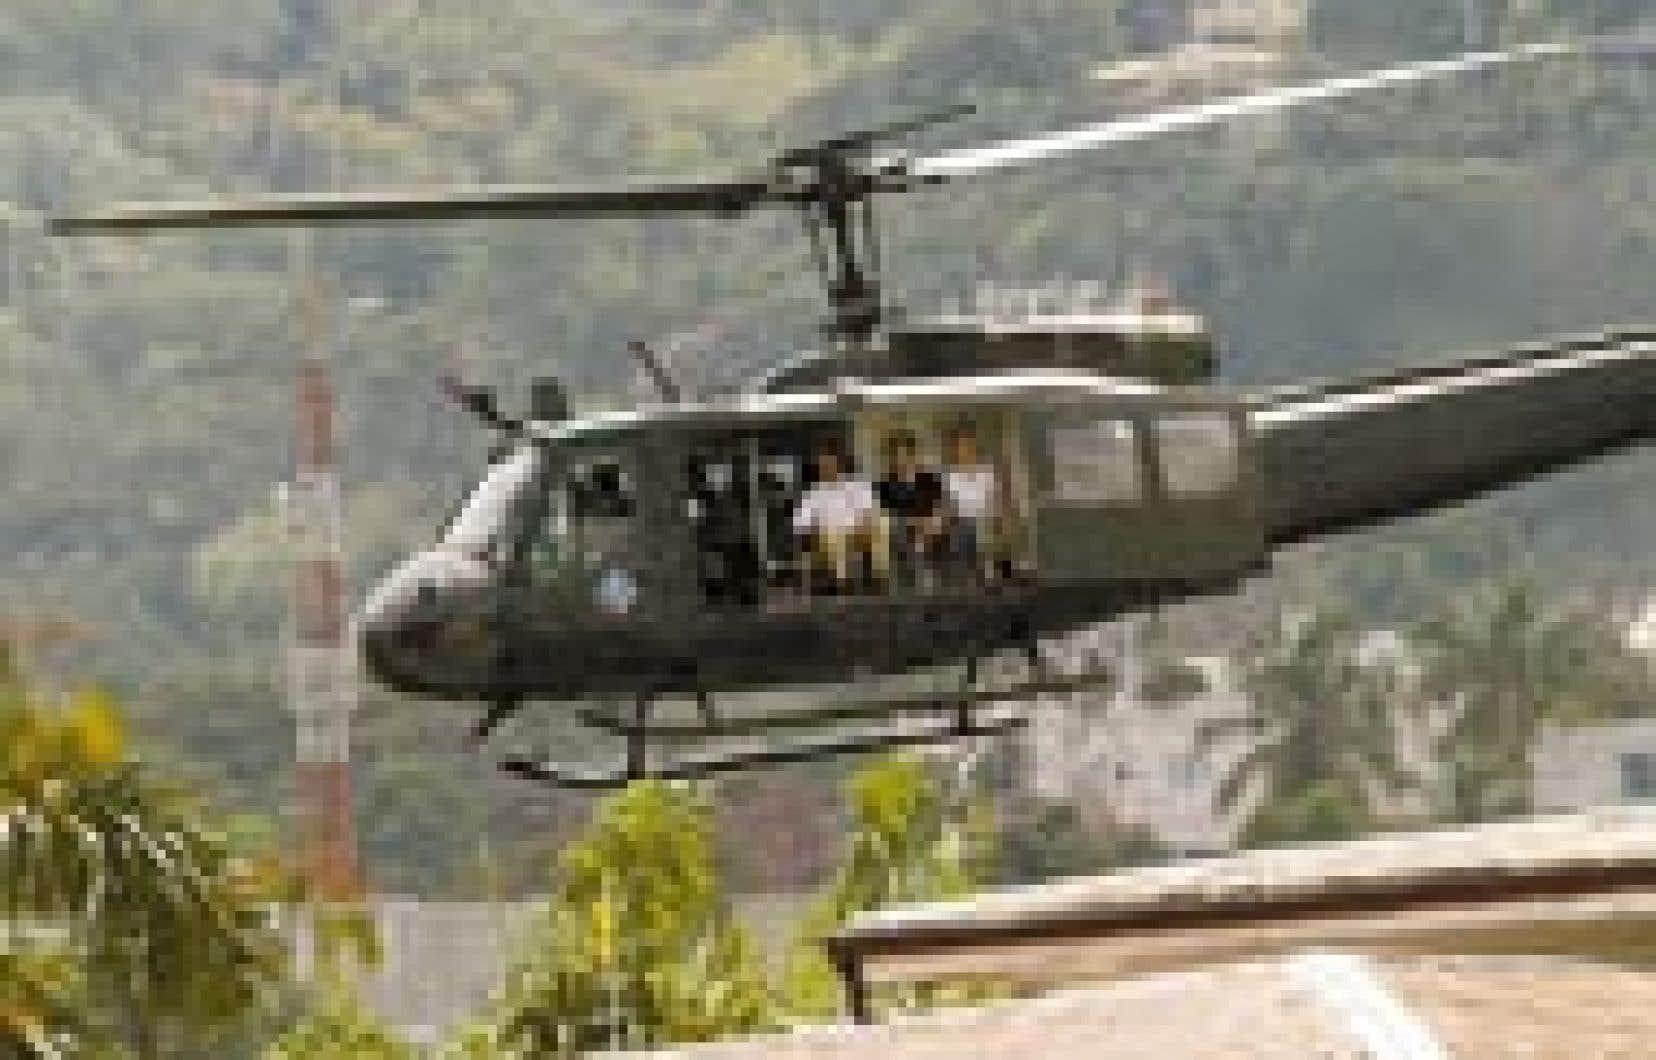 Les membres du personnel diplomatique de l'ambassade de la République dominicaine à Port-au-Prince ont été évacués par hélicoptère hier.